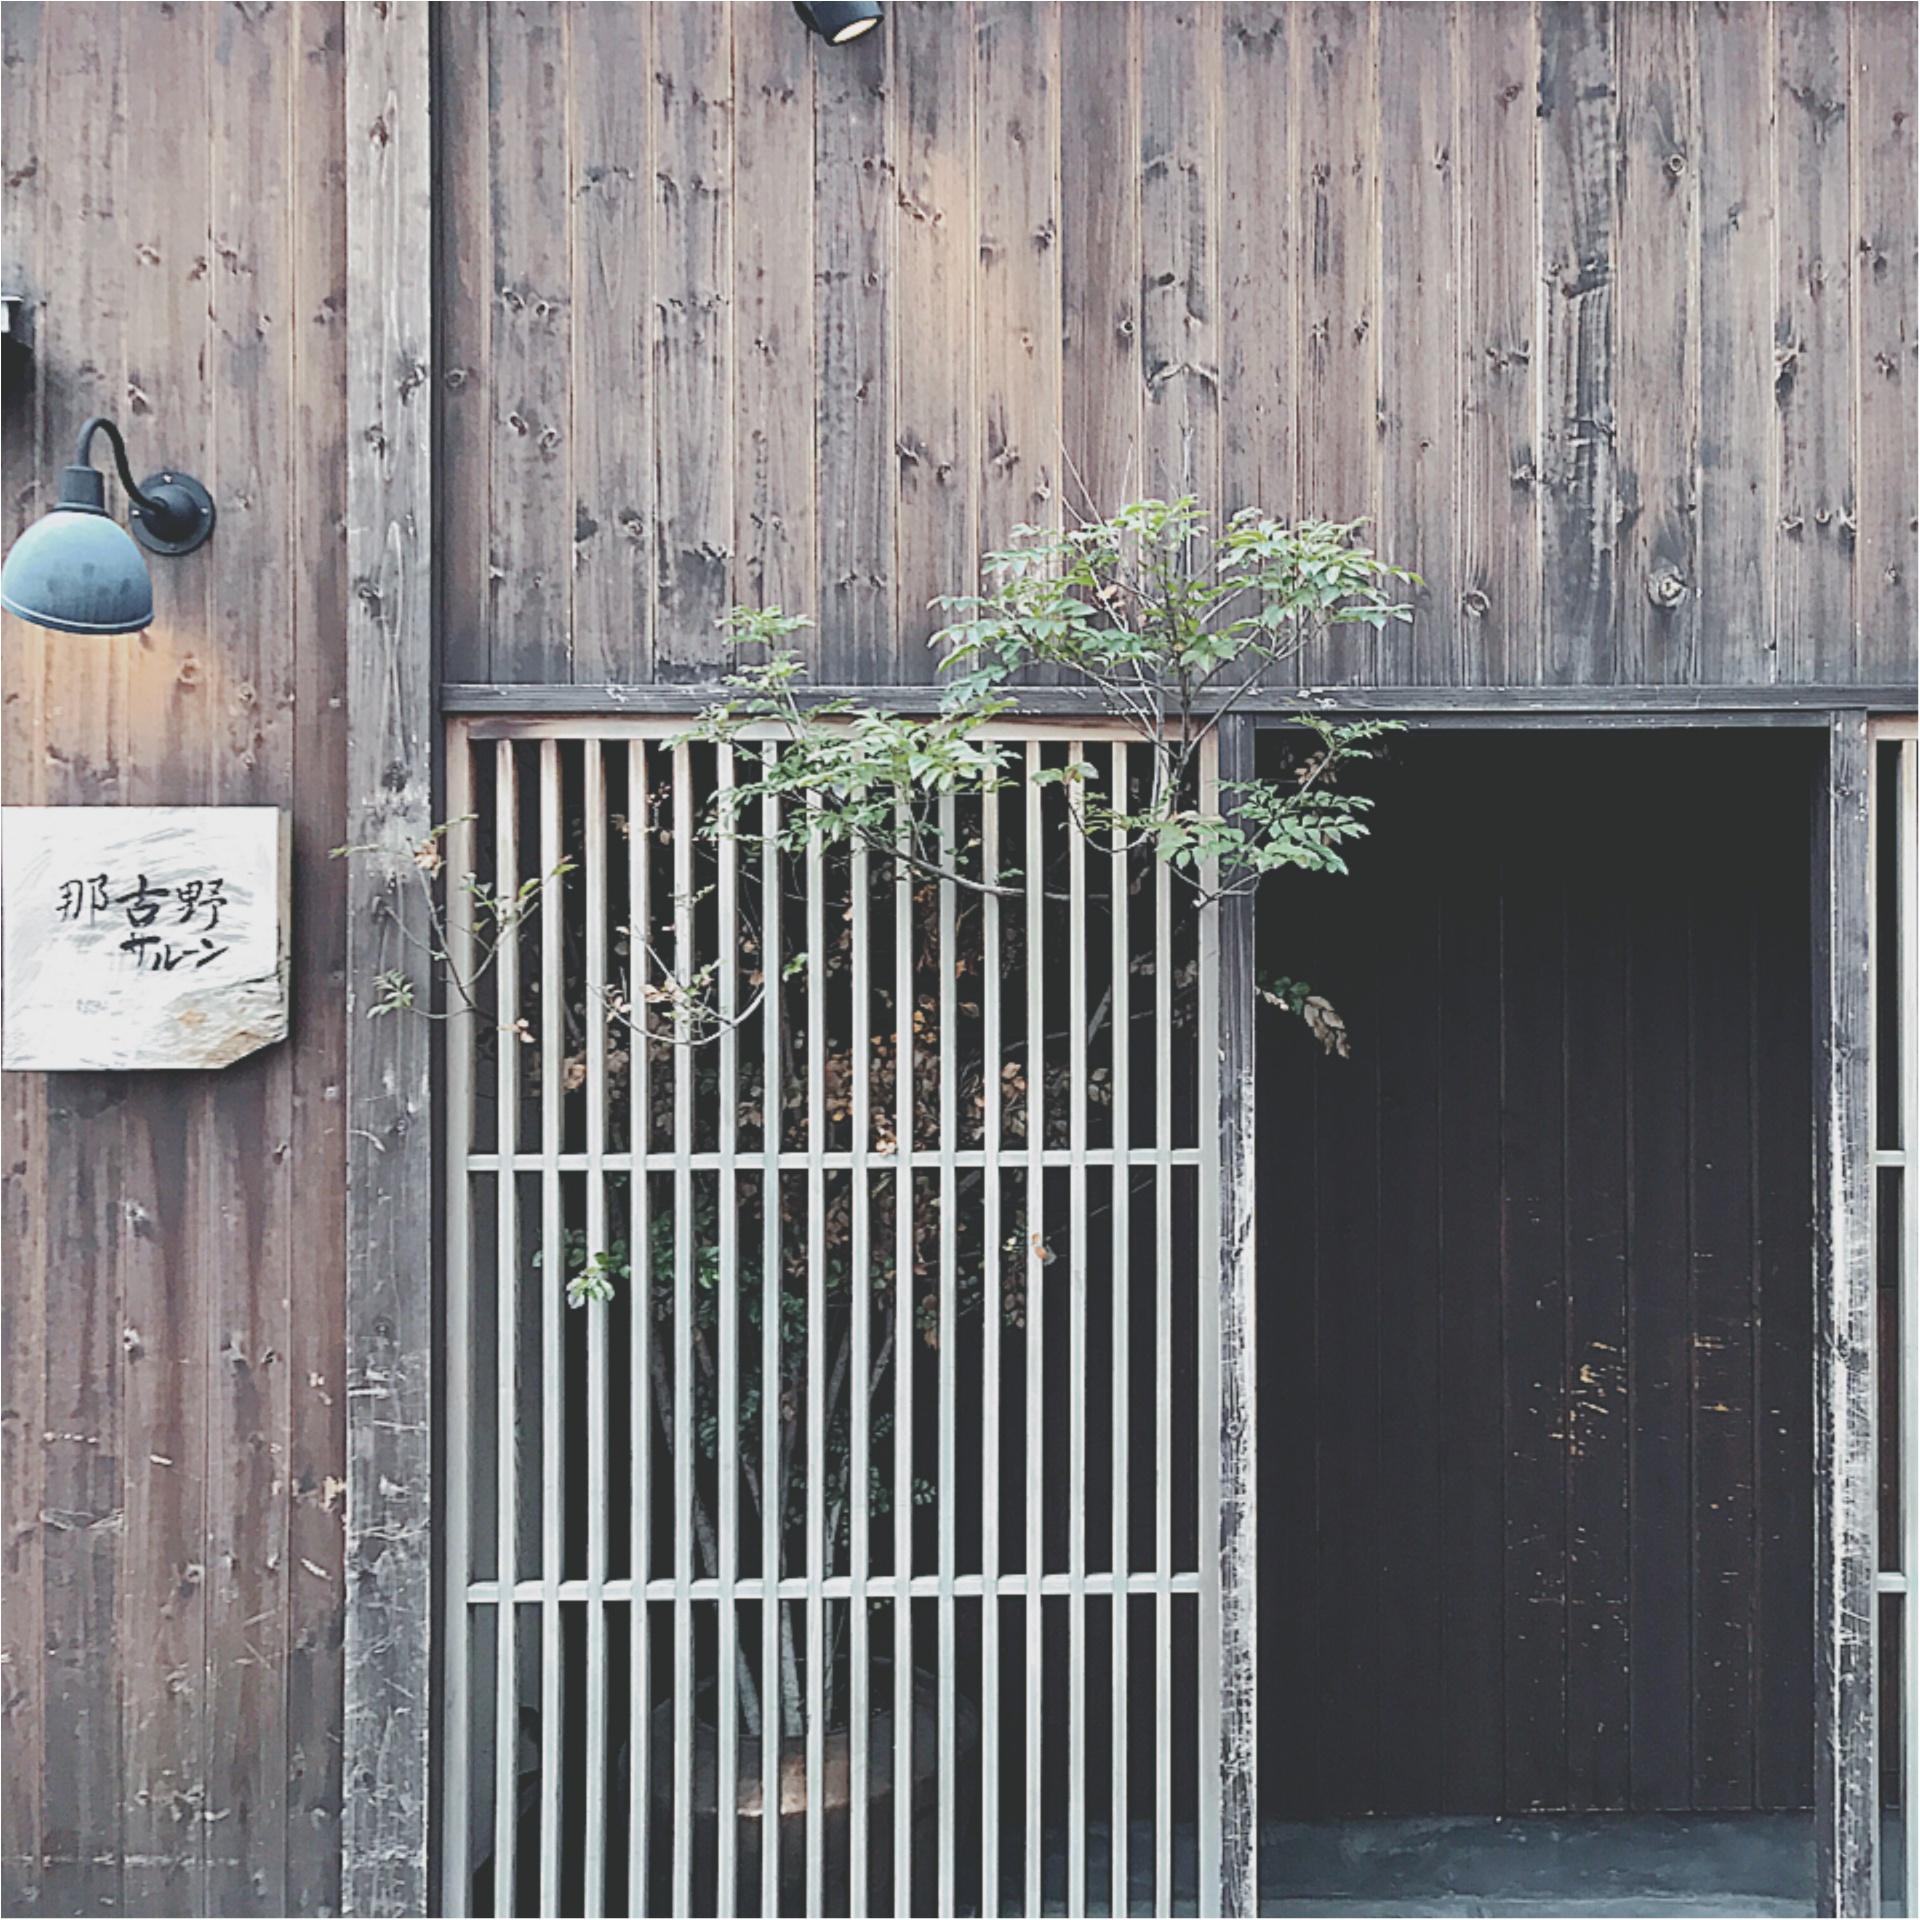 ★来たる、歓送迎会シーズン!名古屋で開くならここがオススメ☝︎『那古野町エリア』で三次会まで楽しんで★_3